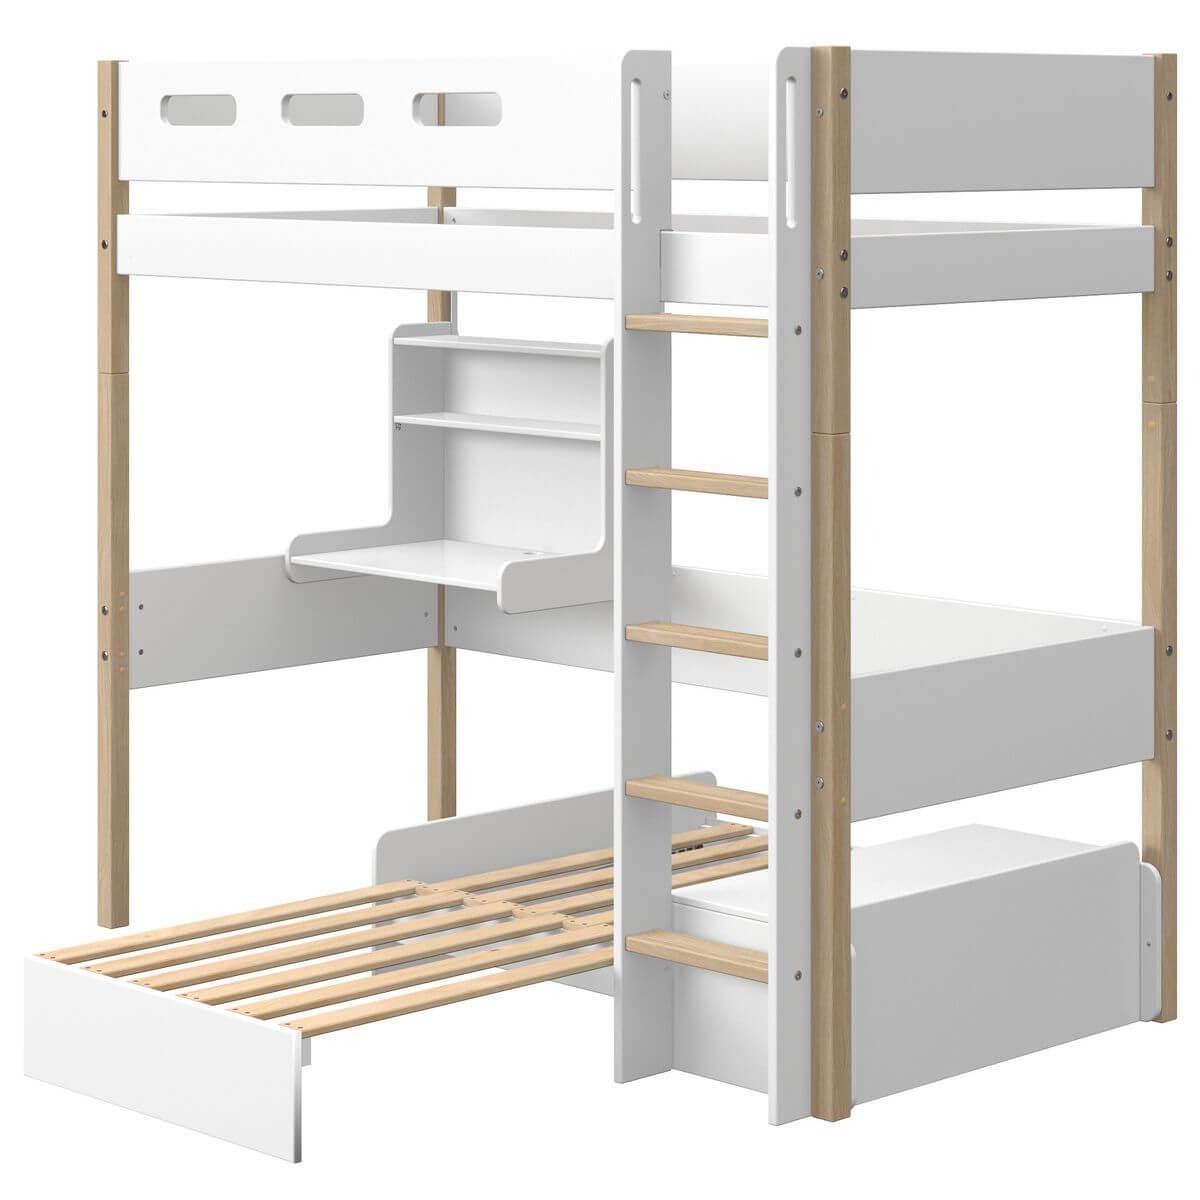 Cama alta 90x200cm módulo casa-escritorio clic NOR Flexa roble-blanco